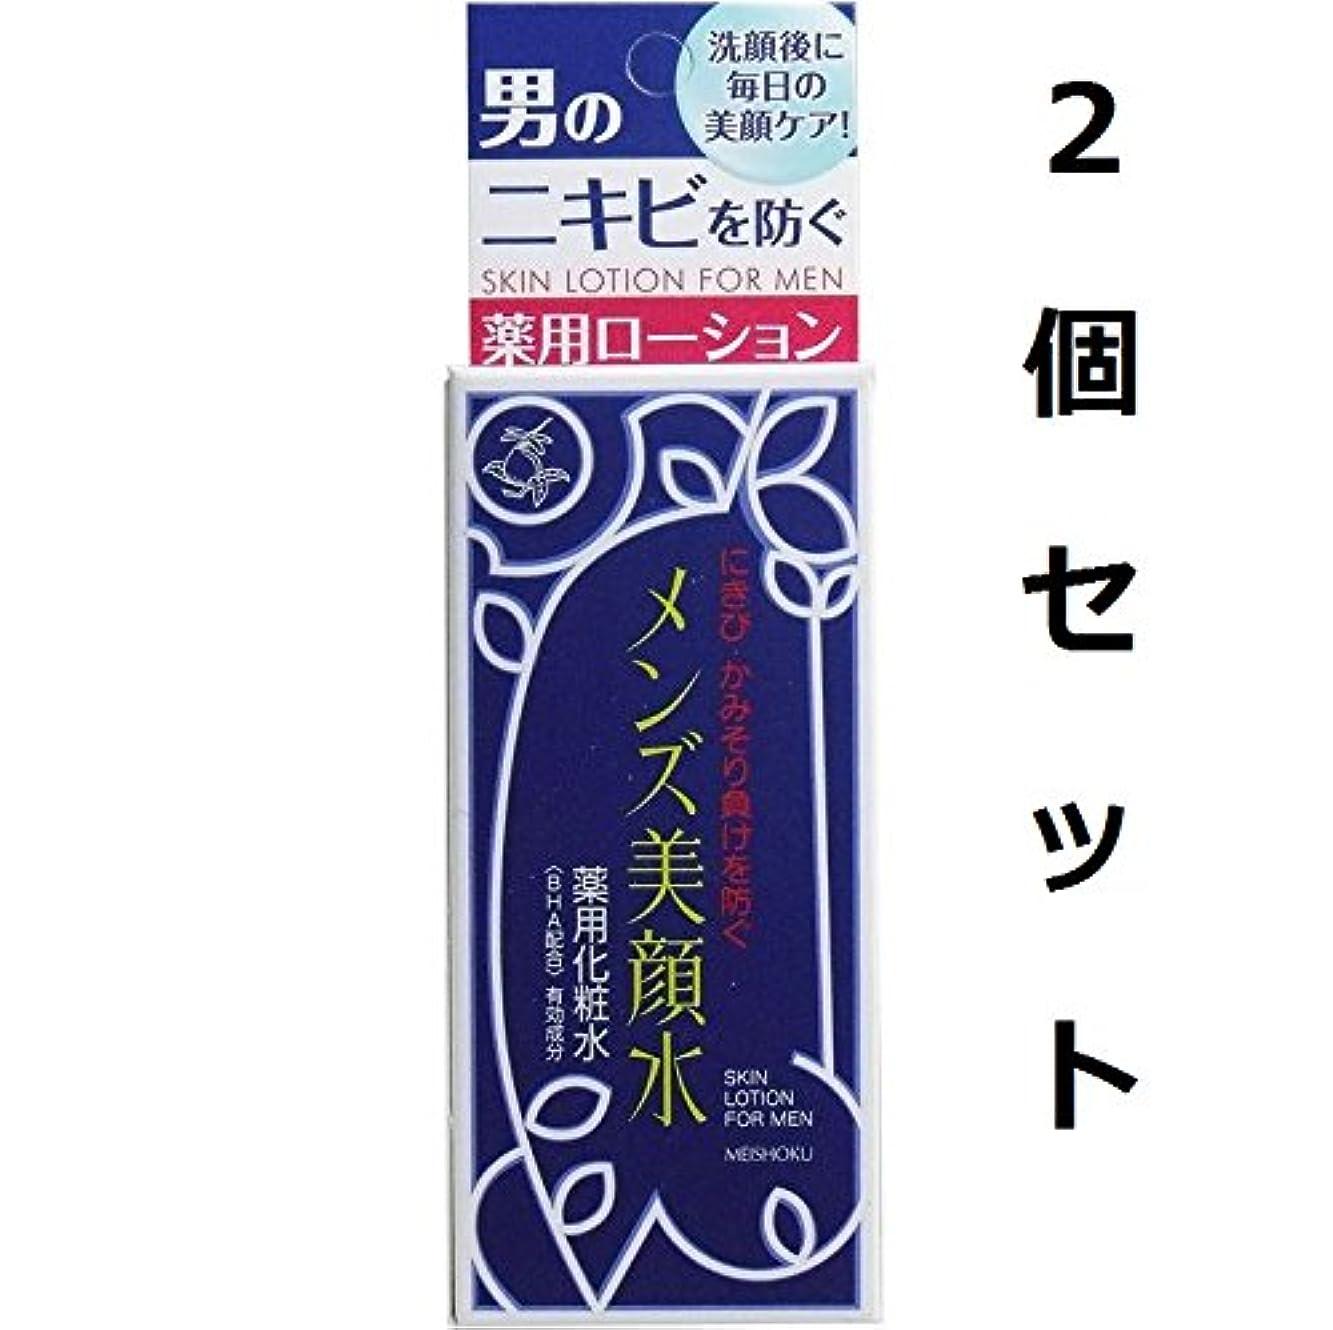 リス新年洗顔後に毎日の美顔ケア 薬用メンズ美顔水 80mL 2個セット